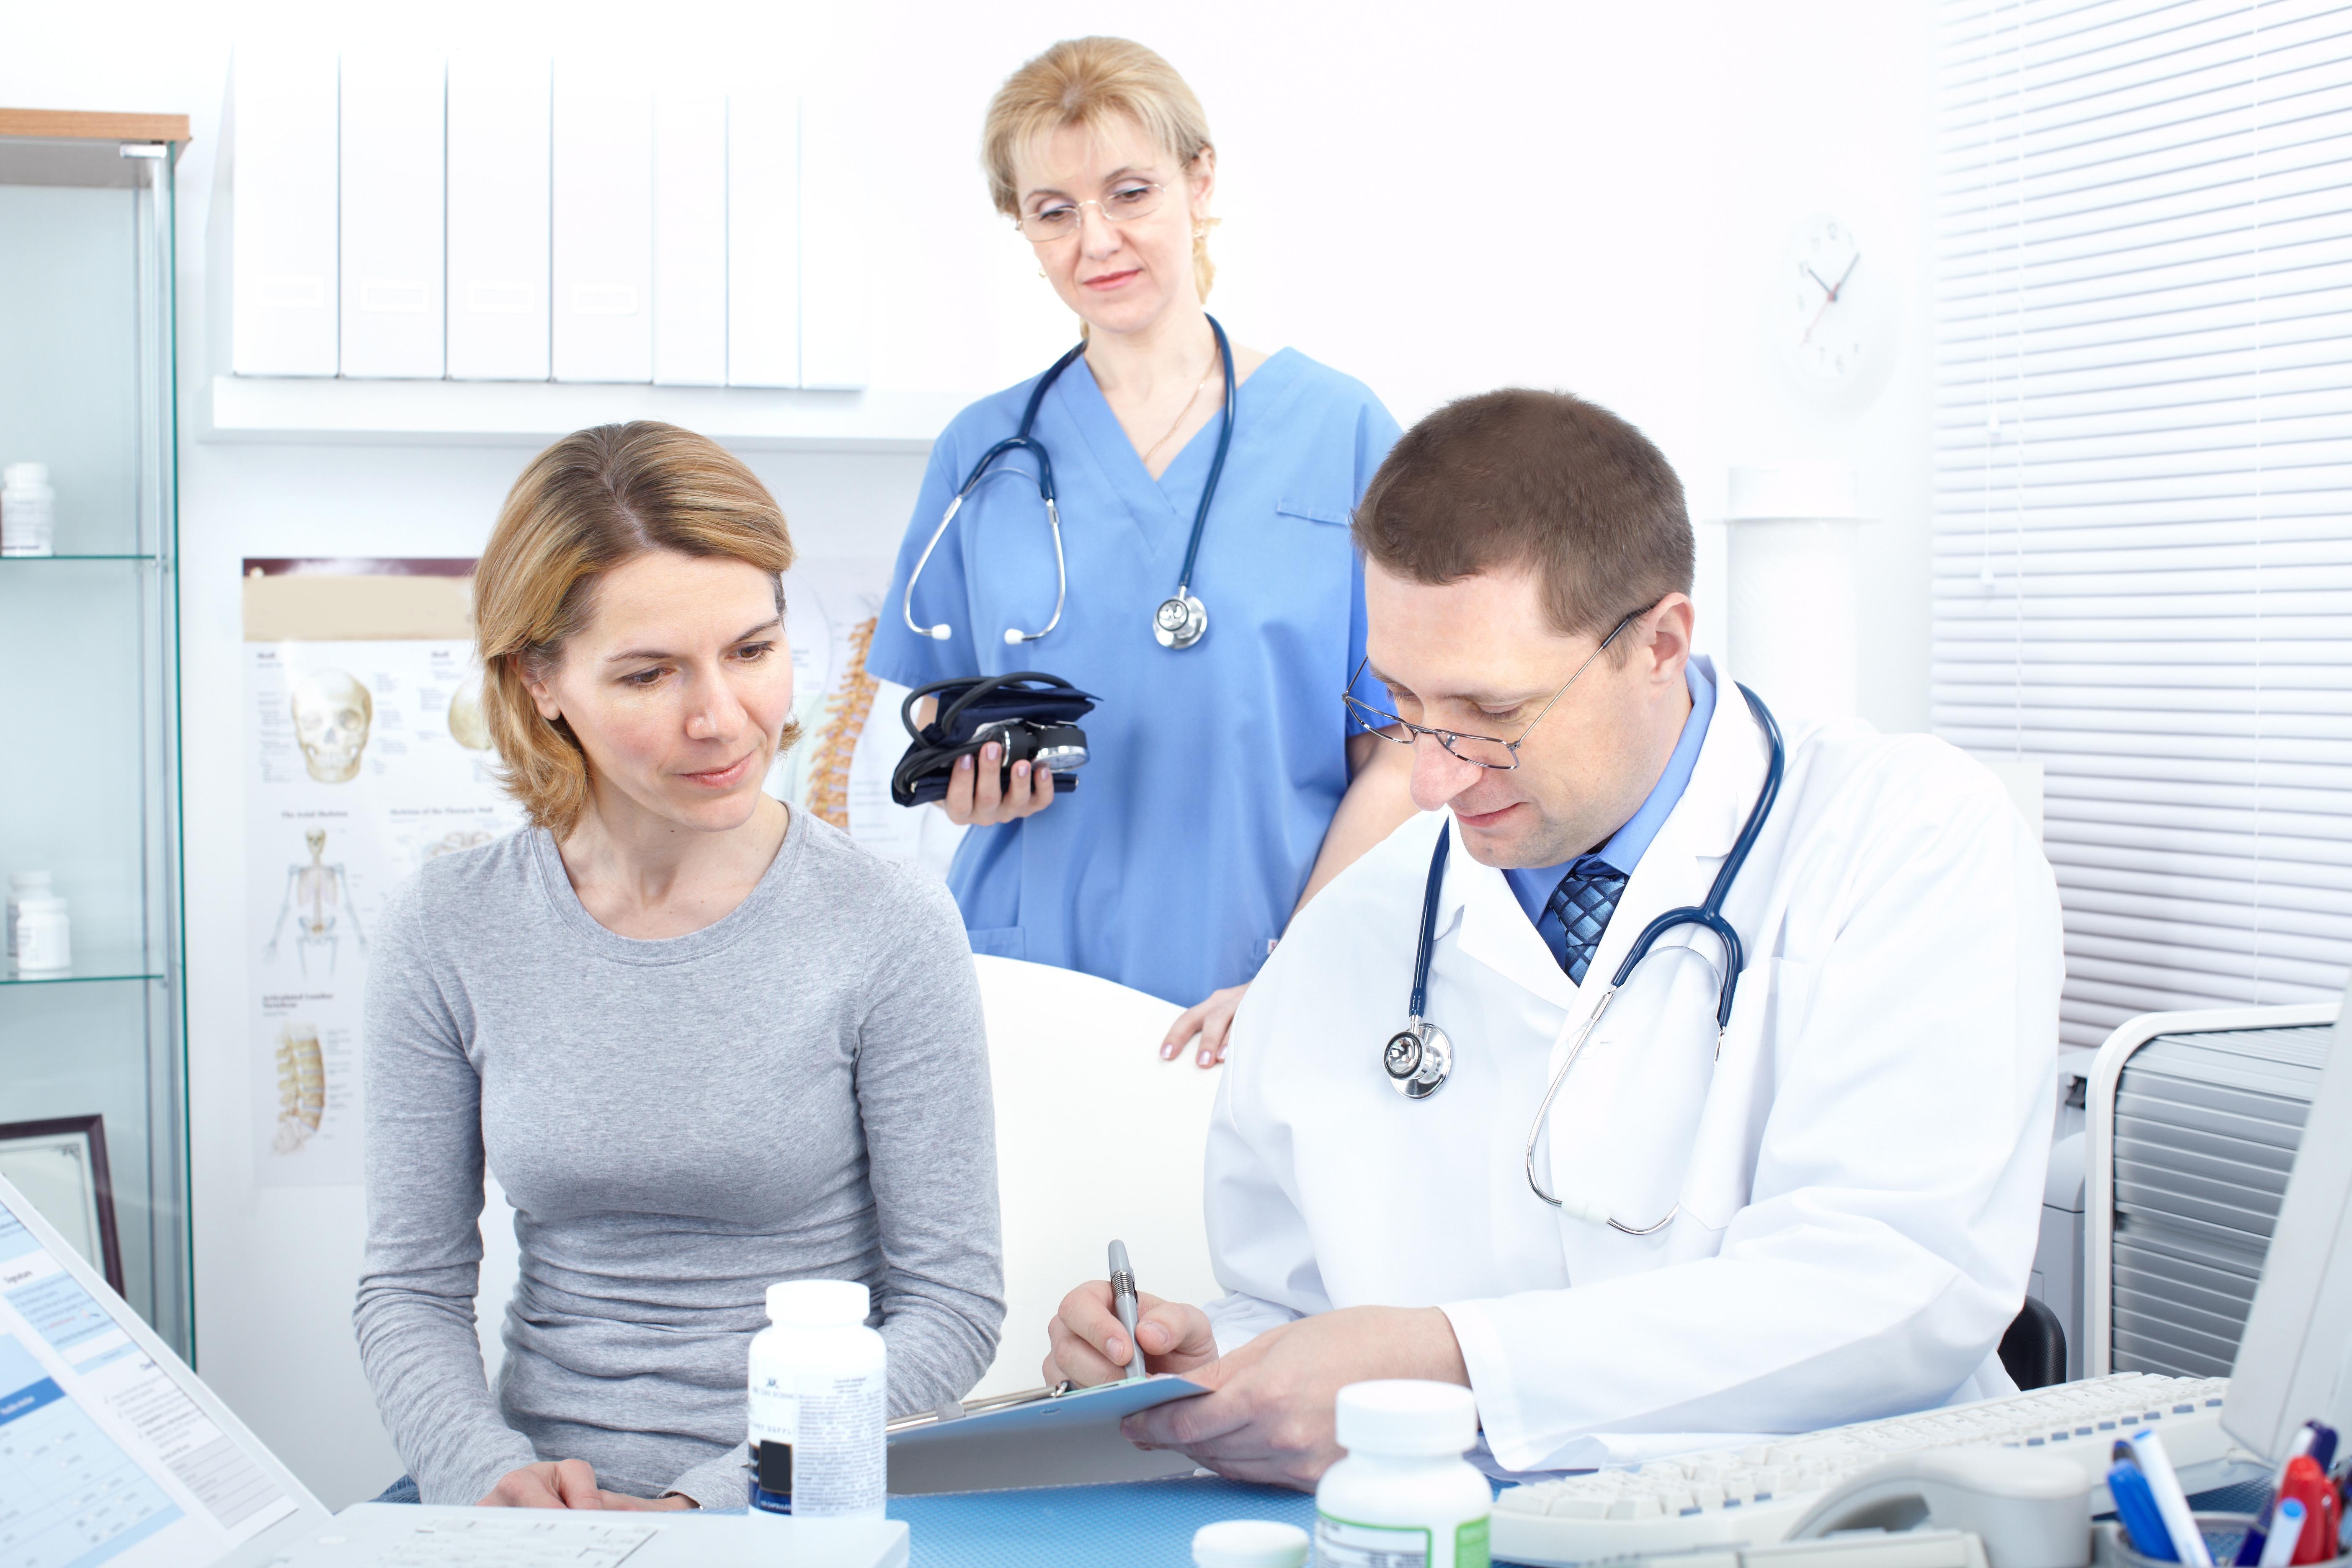 Смотреть нам приеме у врача 13 фотография